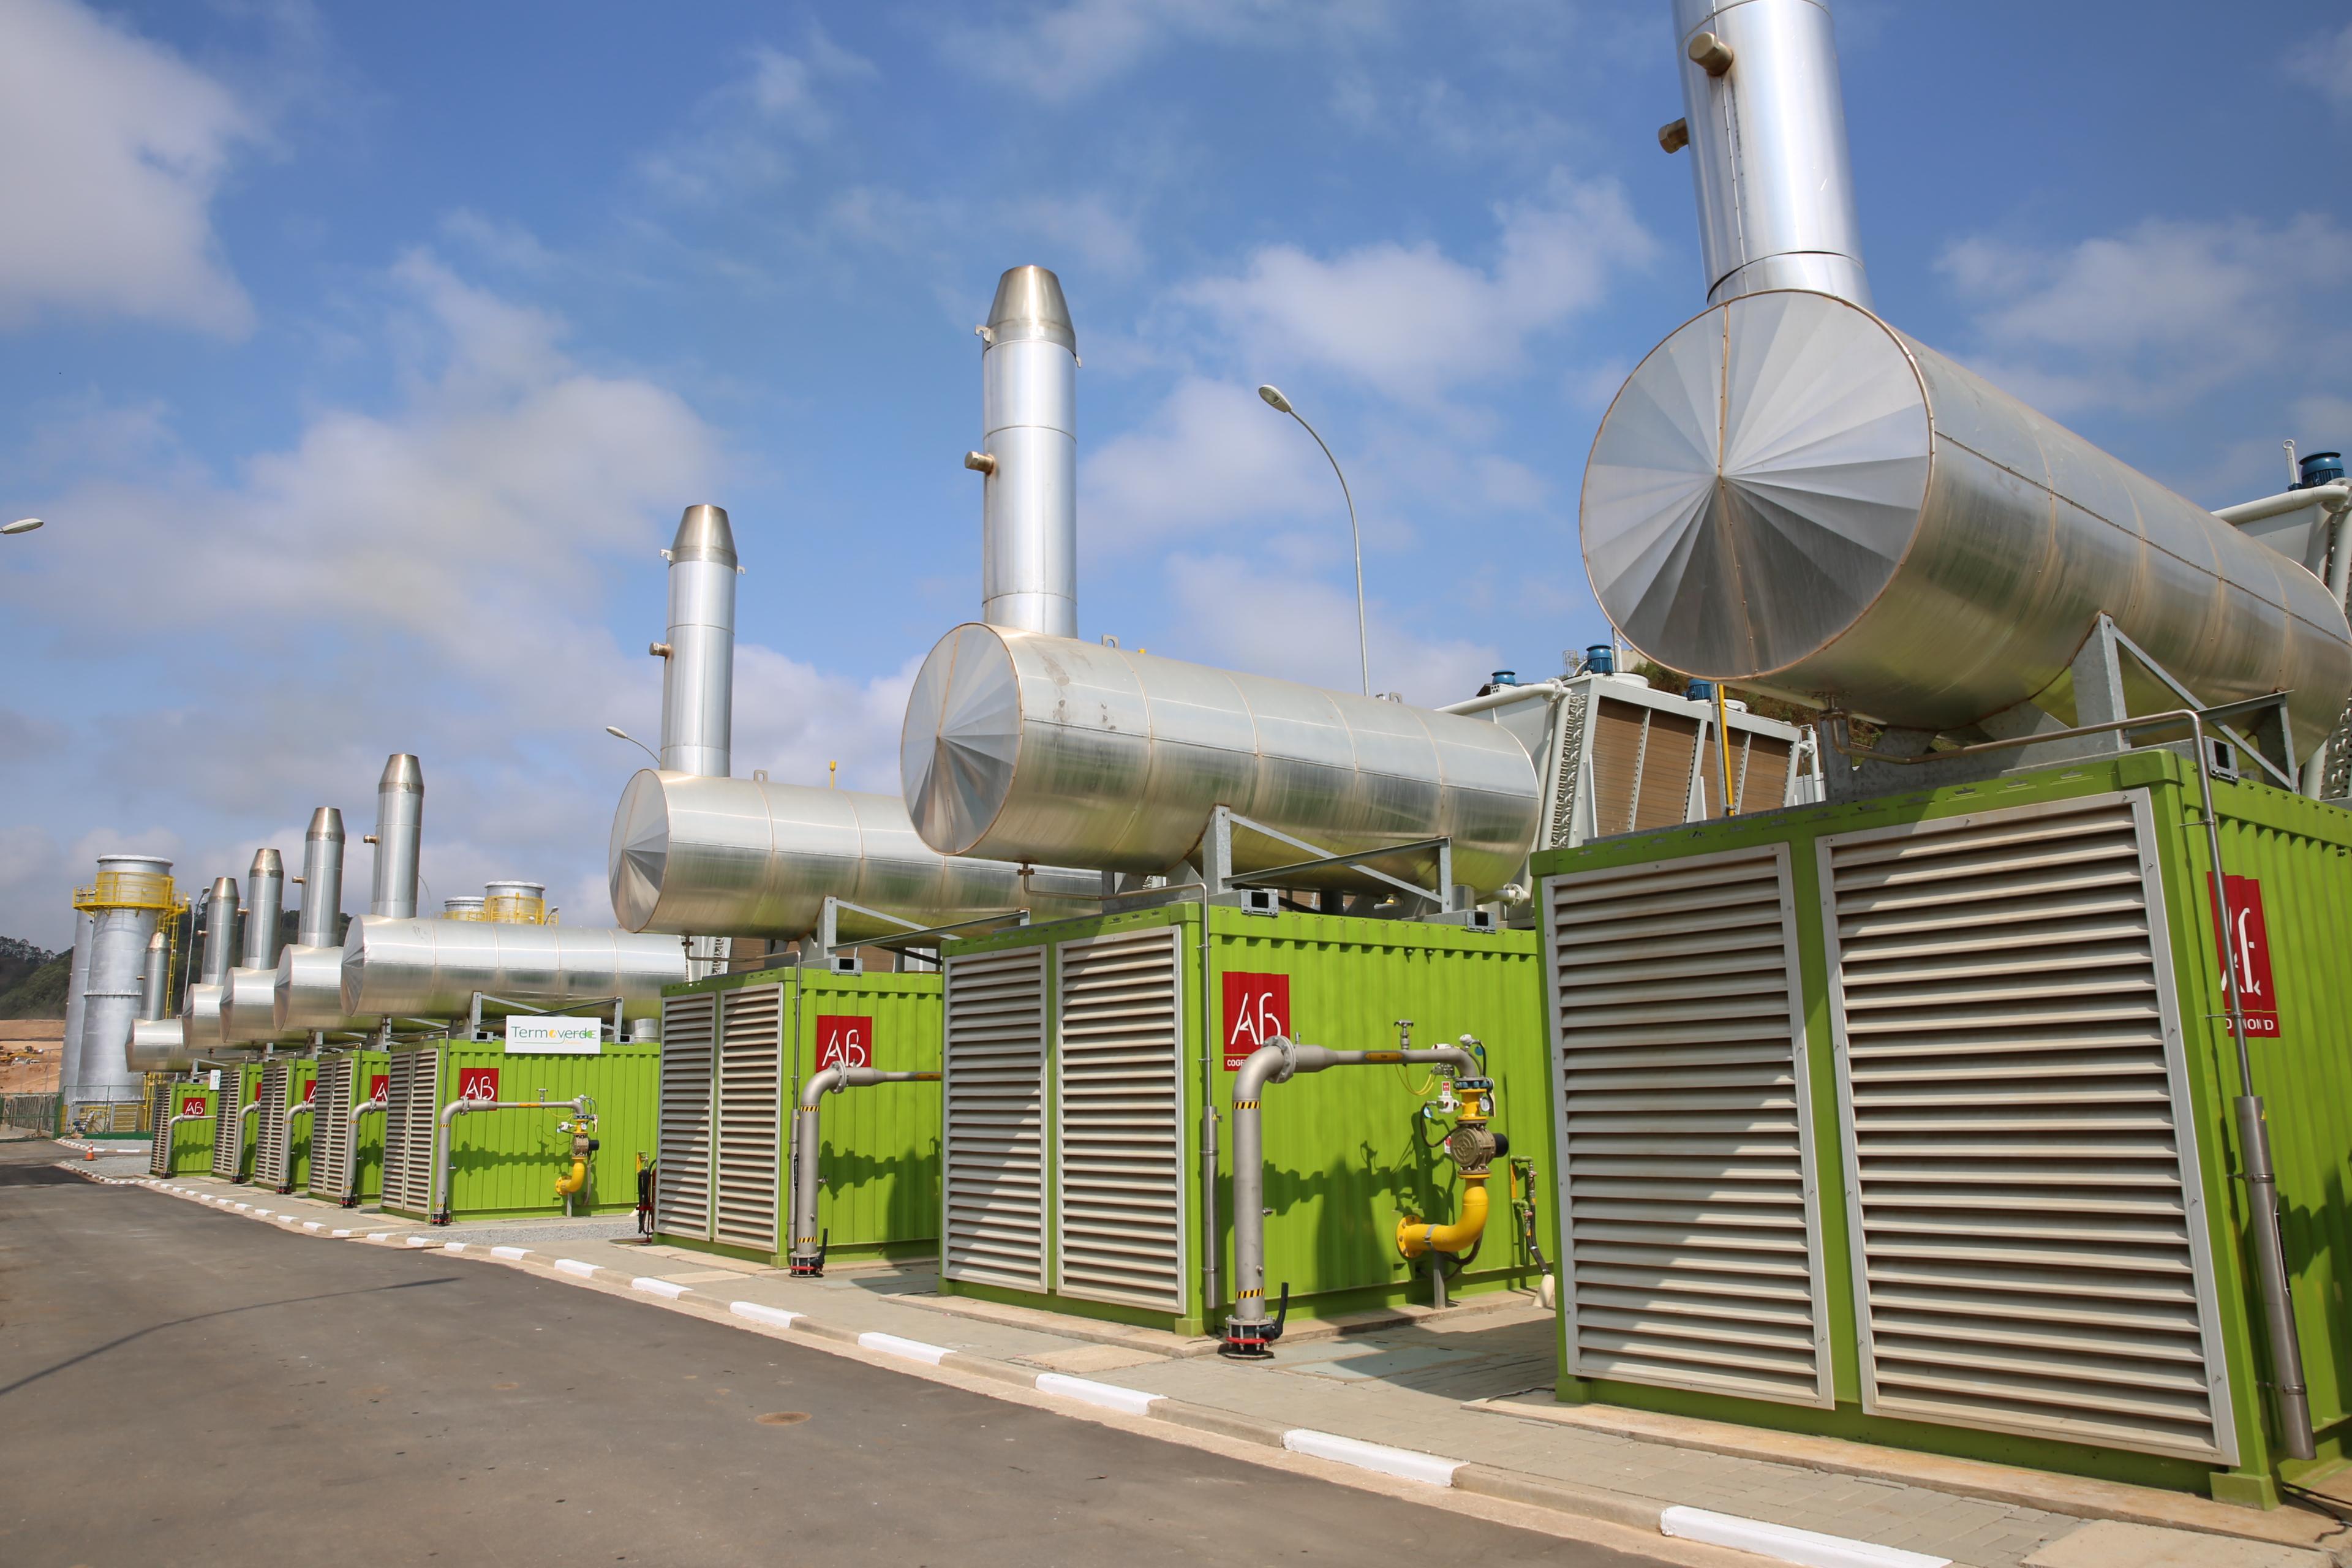 Termelétrica produz energia com lixo suficiente para abastecer uma cidade de 200 mil habitantes em SP 1